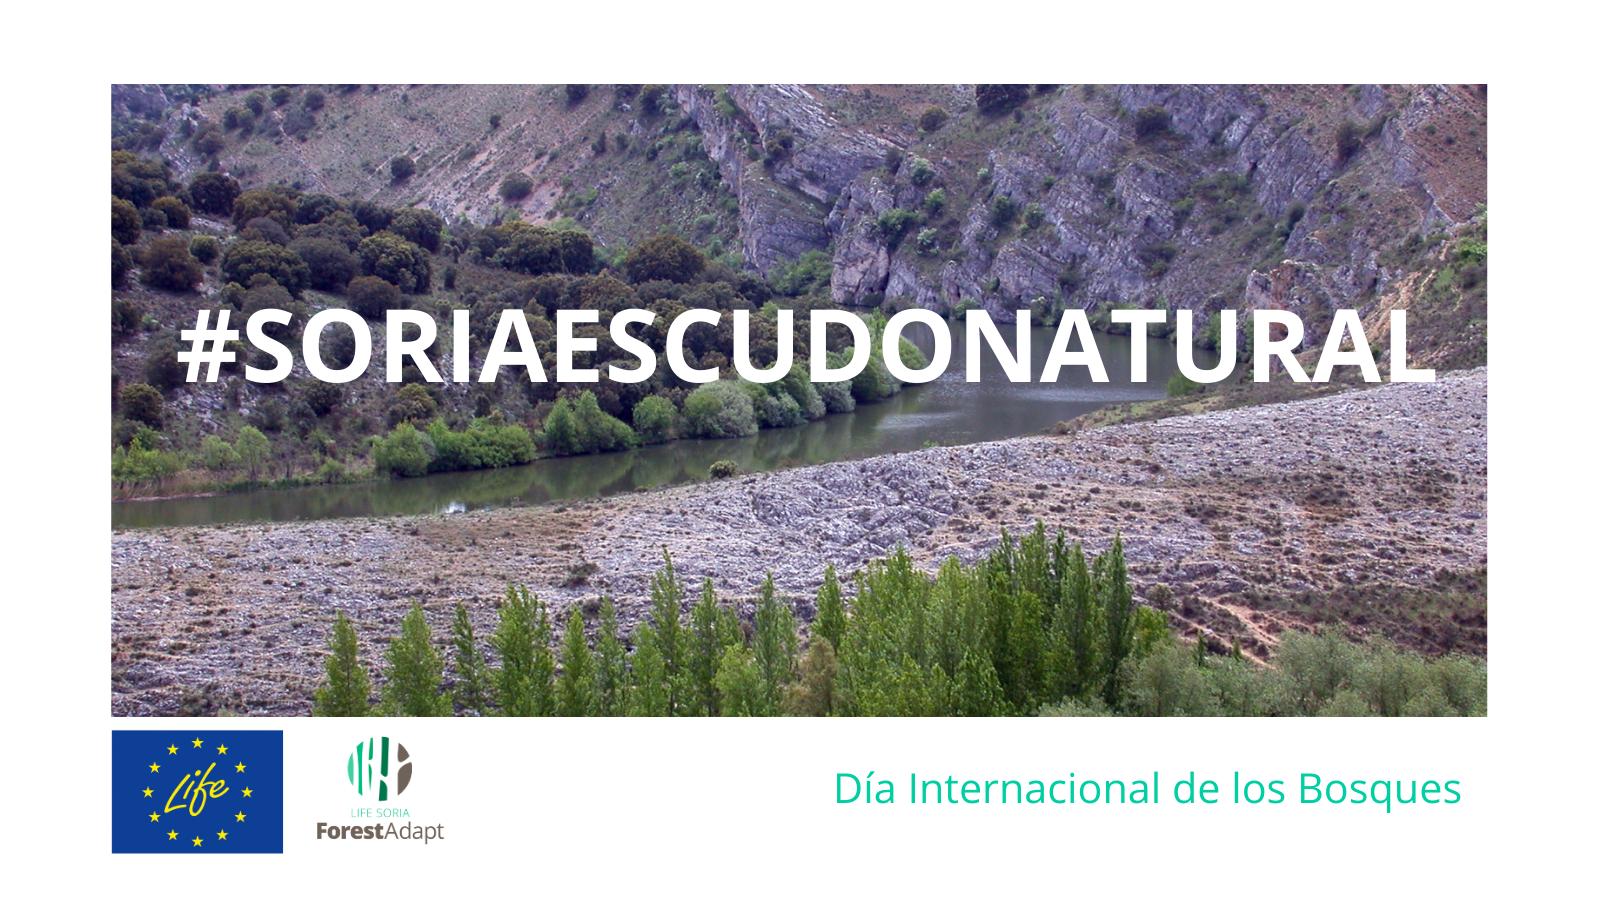 SoriaEscudoNatural